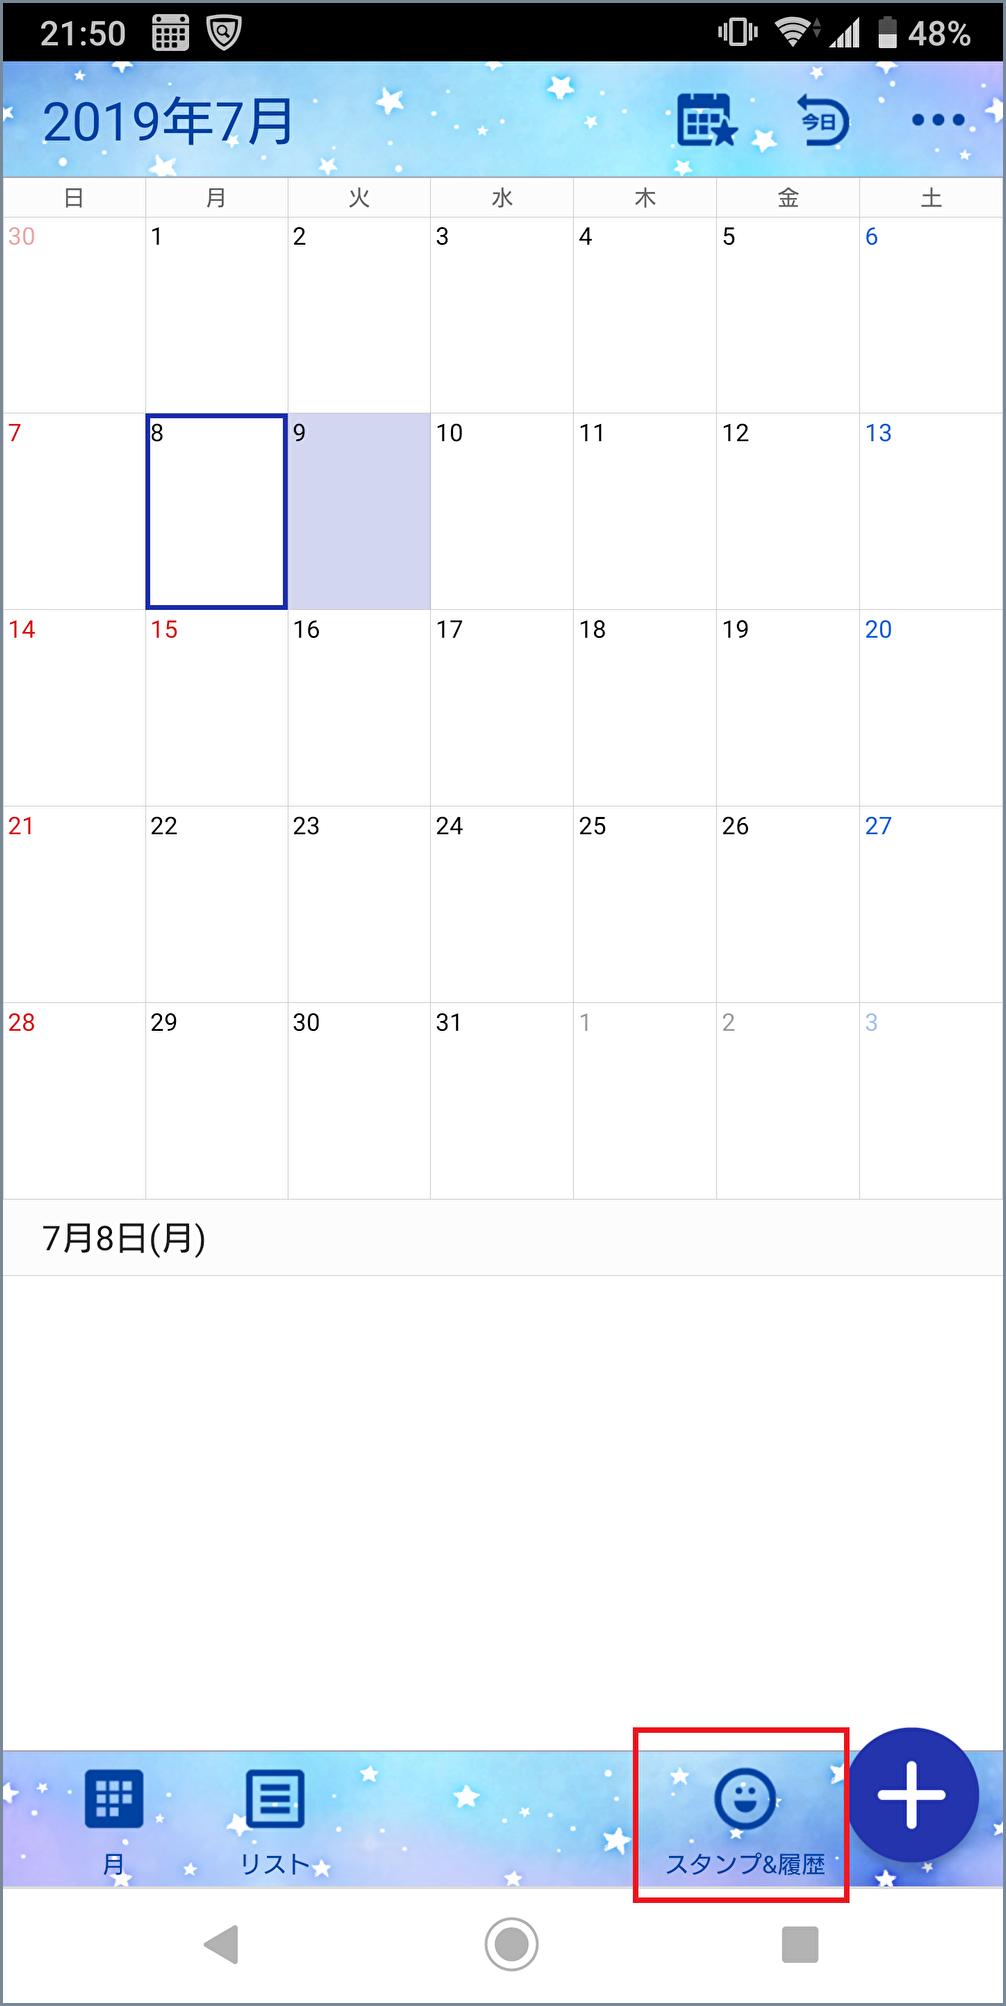 Yahoo! カレンダーで、すっきり・自分らしく・簡単に、スケジュールを手帳のように自分好みにカスタマイズ!